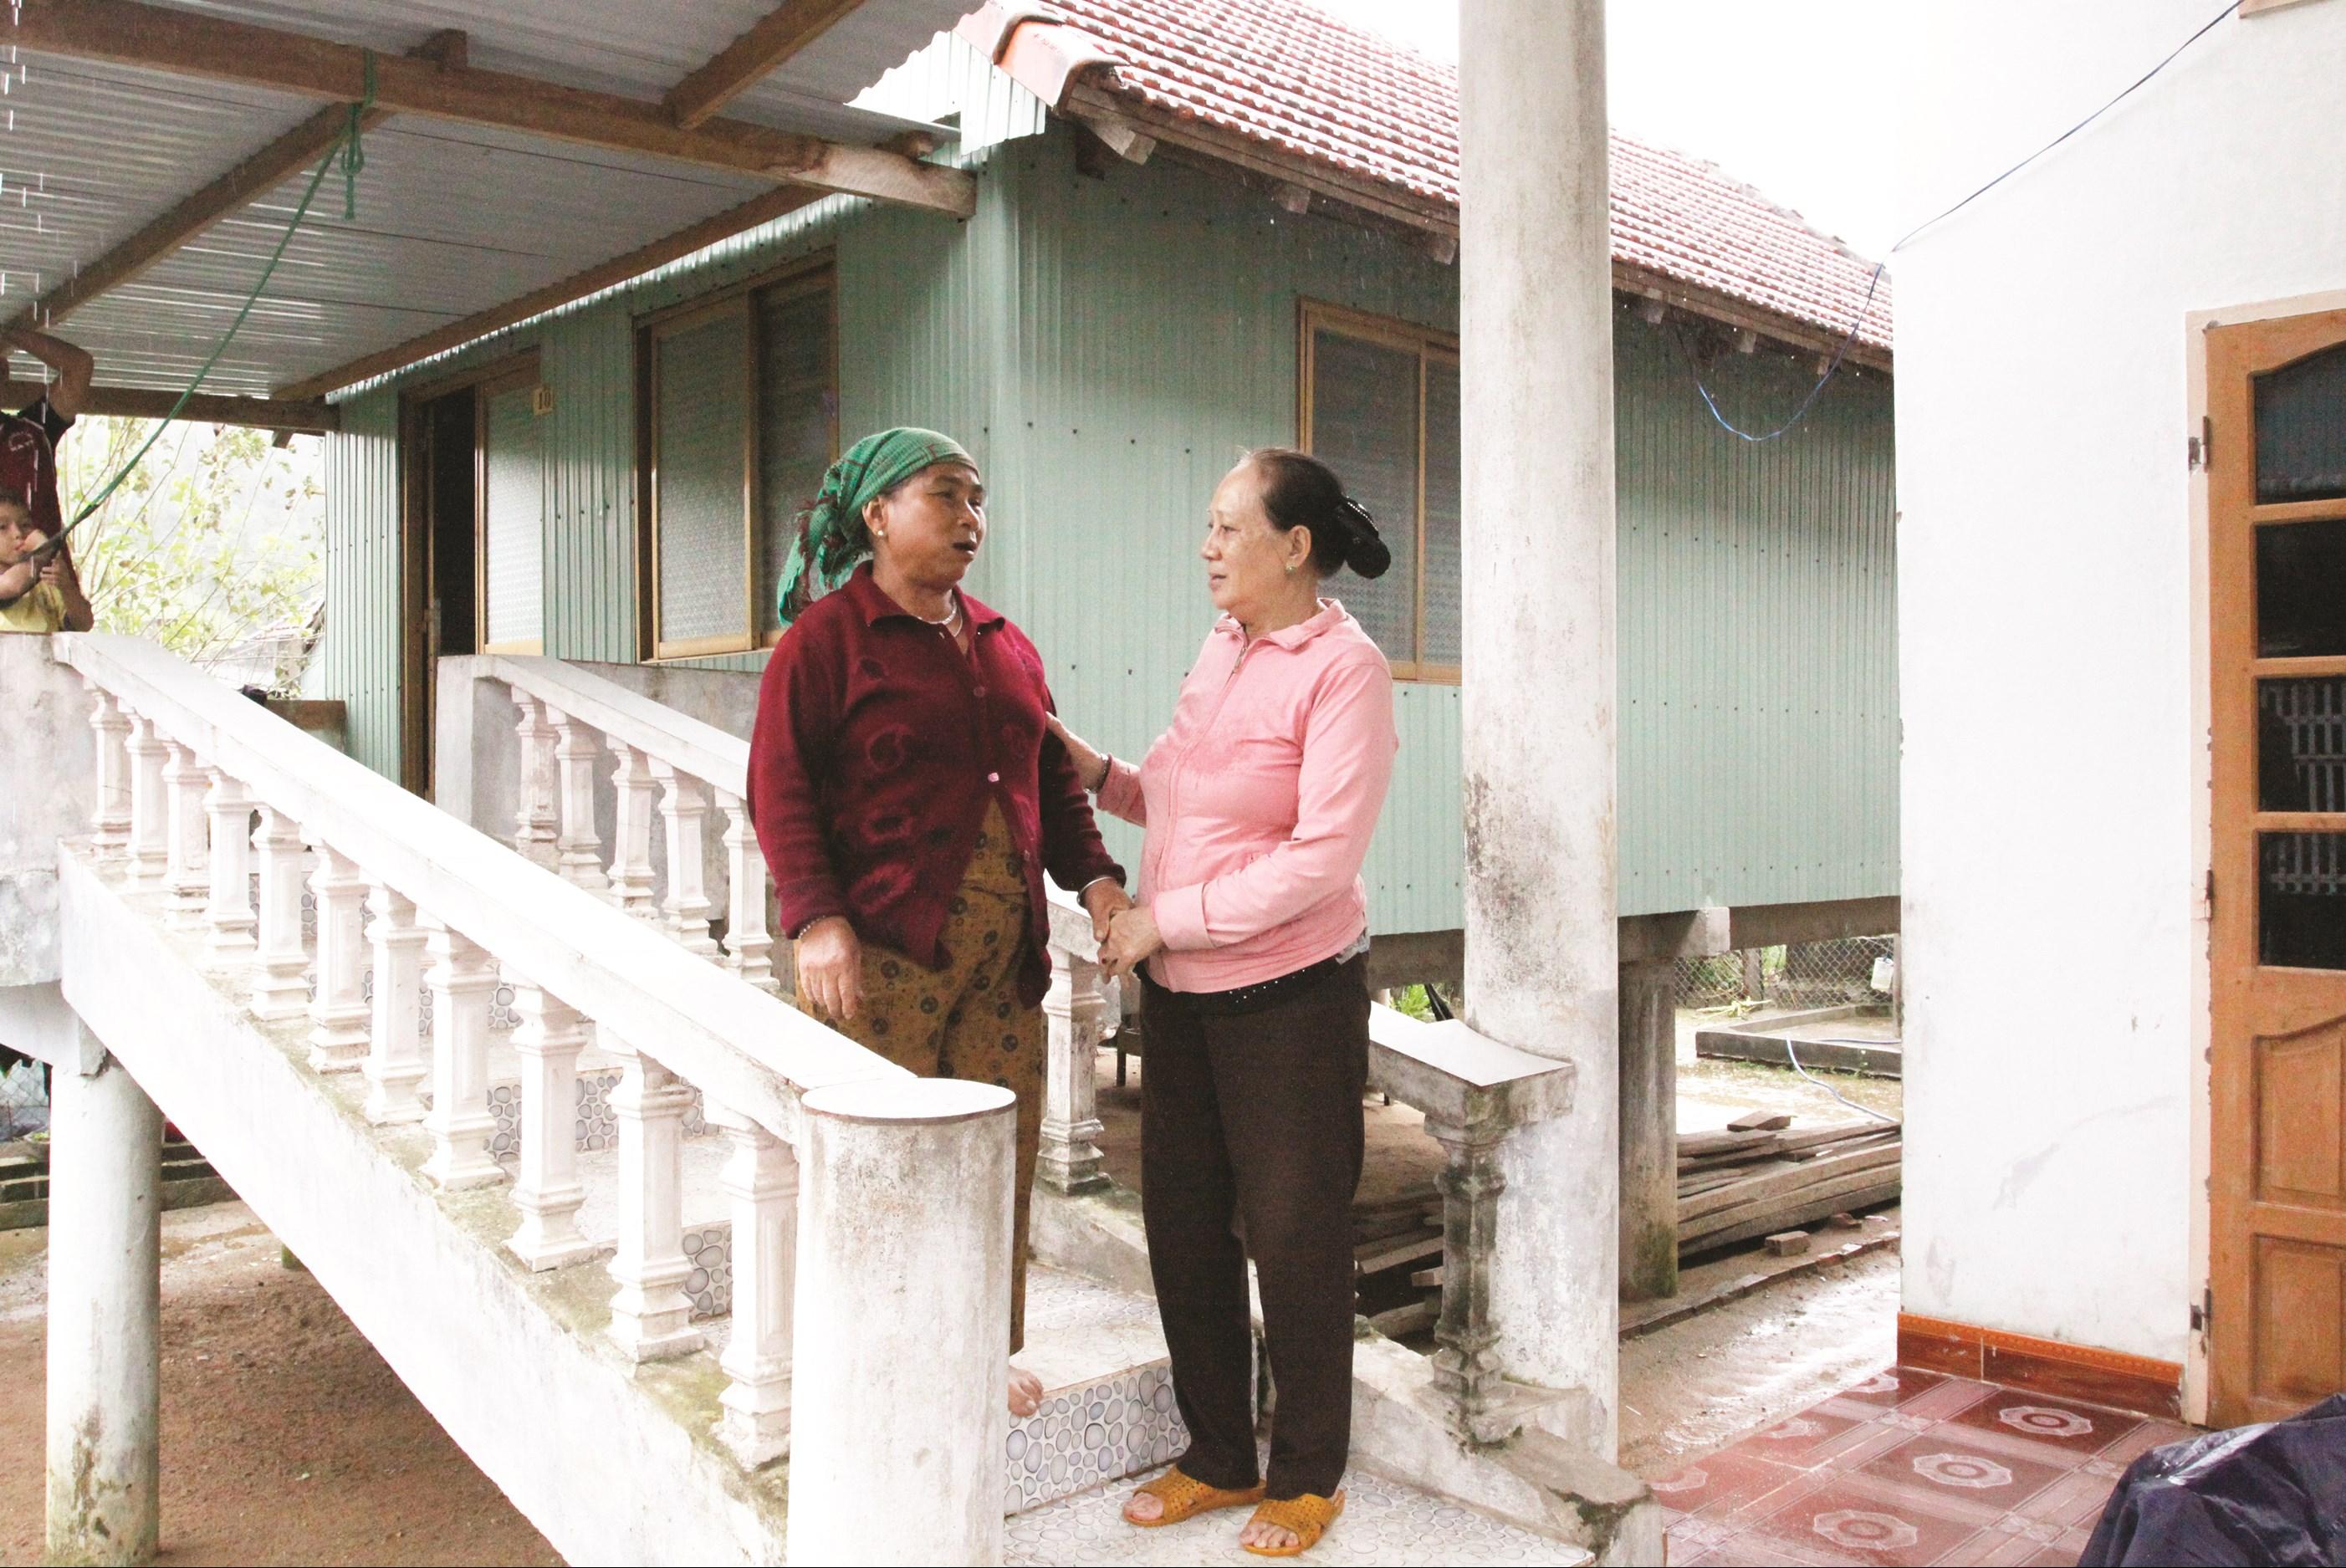 Bà Đỗ Thị Bích Phượng, Chủ tịch NNCĐDC huyện Vân Canh (bên phải) thường xuyên đến nhà các nạn nhân để động viên họ cố gắng vượt qua bệnh tật